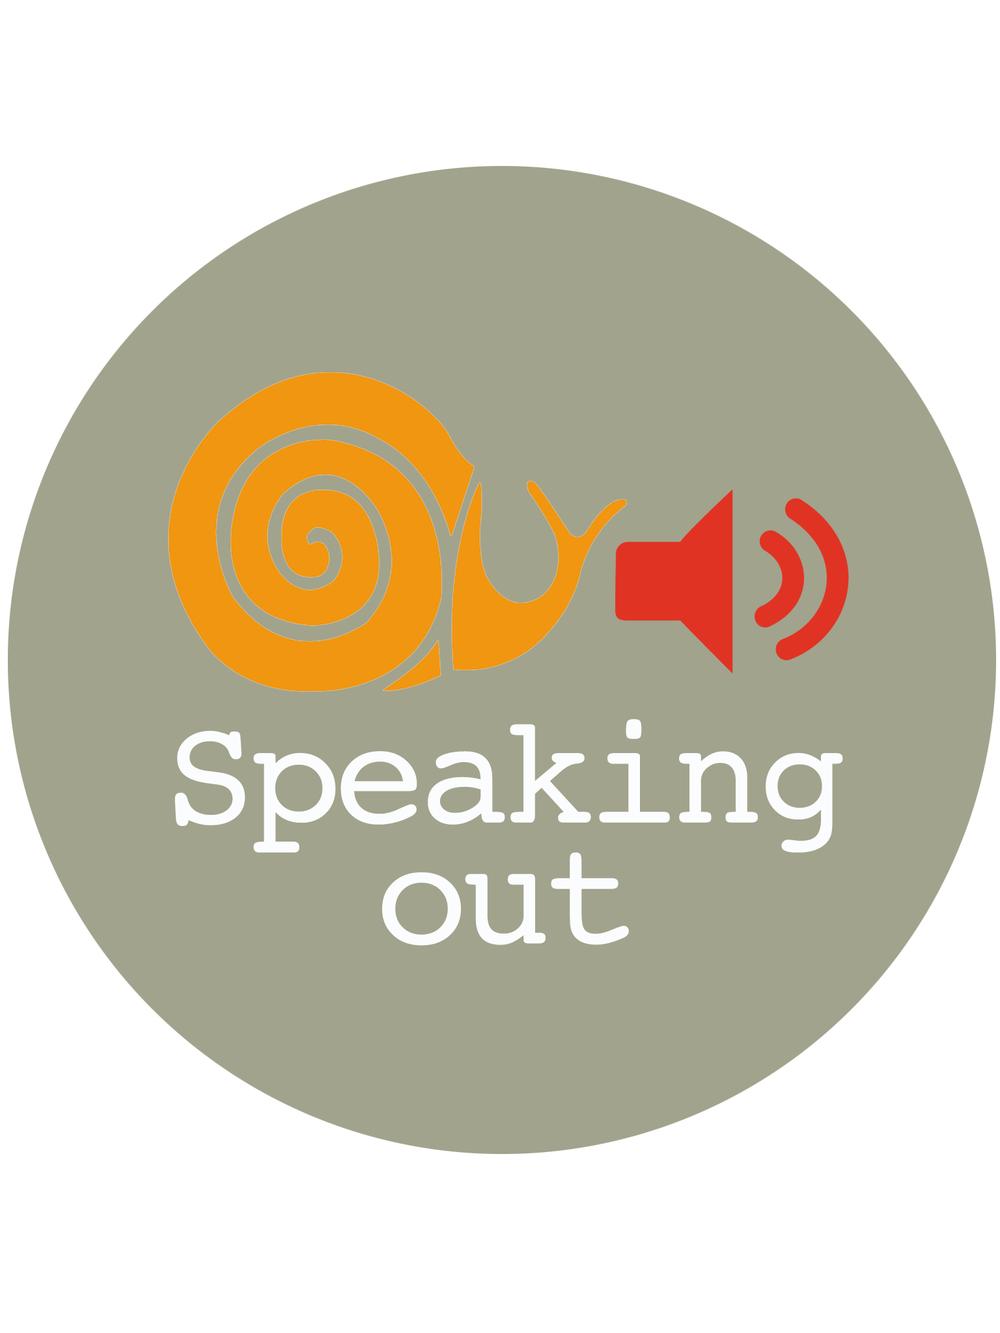 speakingout5.jpg